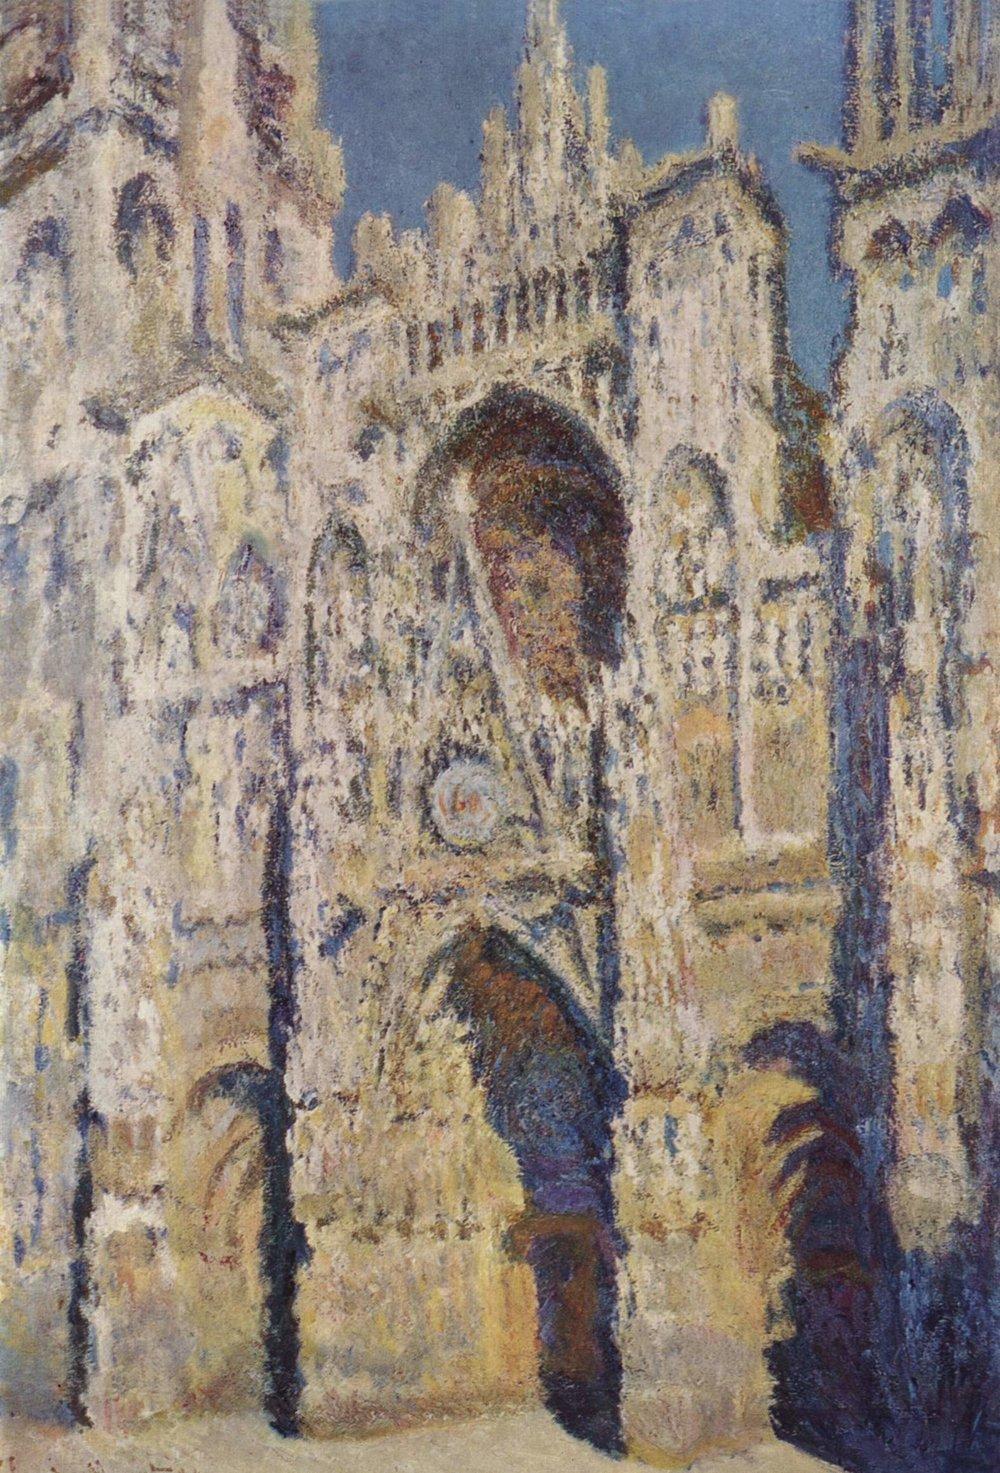 La  Cattedrale di Rouen in pieno sole , dal  Ciclo della Cattedrale di Rouen  di Claude Monet. In più di trenta dipinti che la ritraggono in momenti diversi durante il giorno, Monet reinterpreta un'opera d'arte preesistente (la Cattedrale), ponendo l'accento sul ruolo che ha la luce sulla sua facciata nelle diverse fasi del giorno.